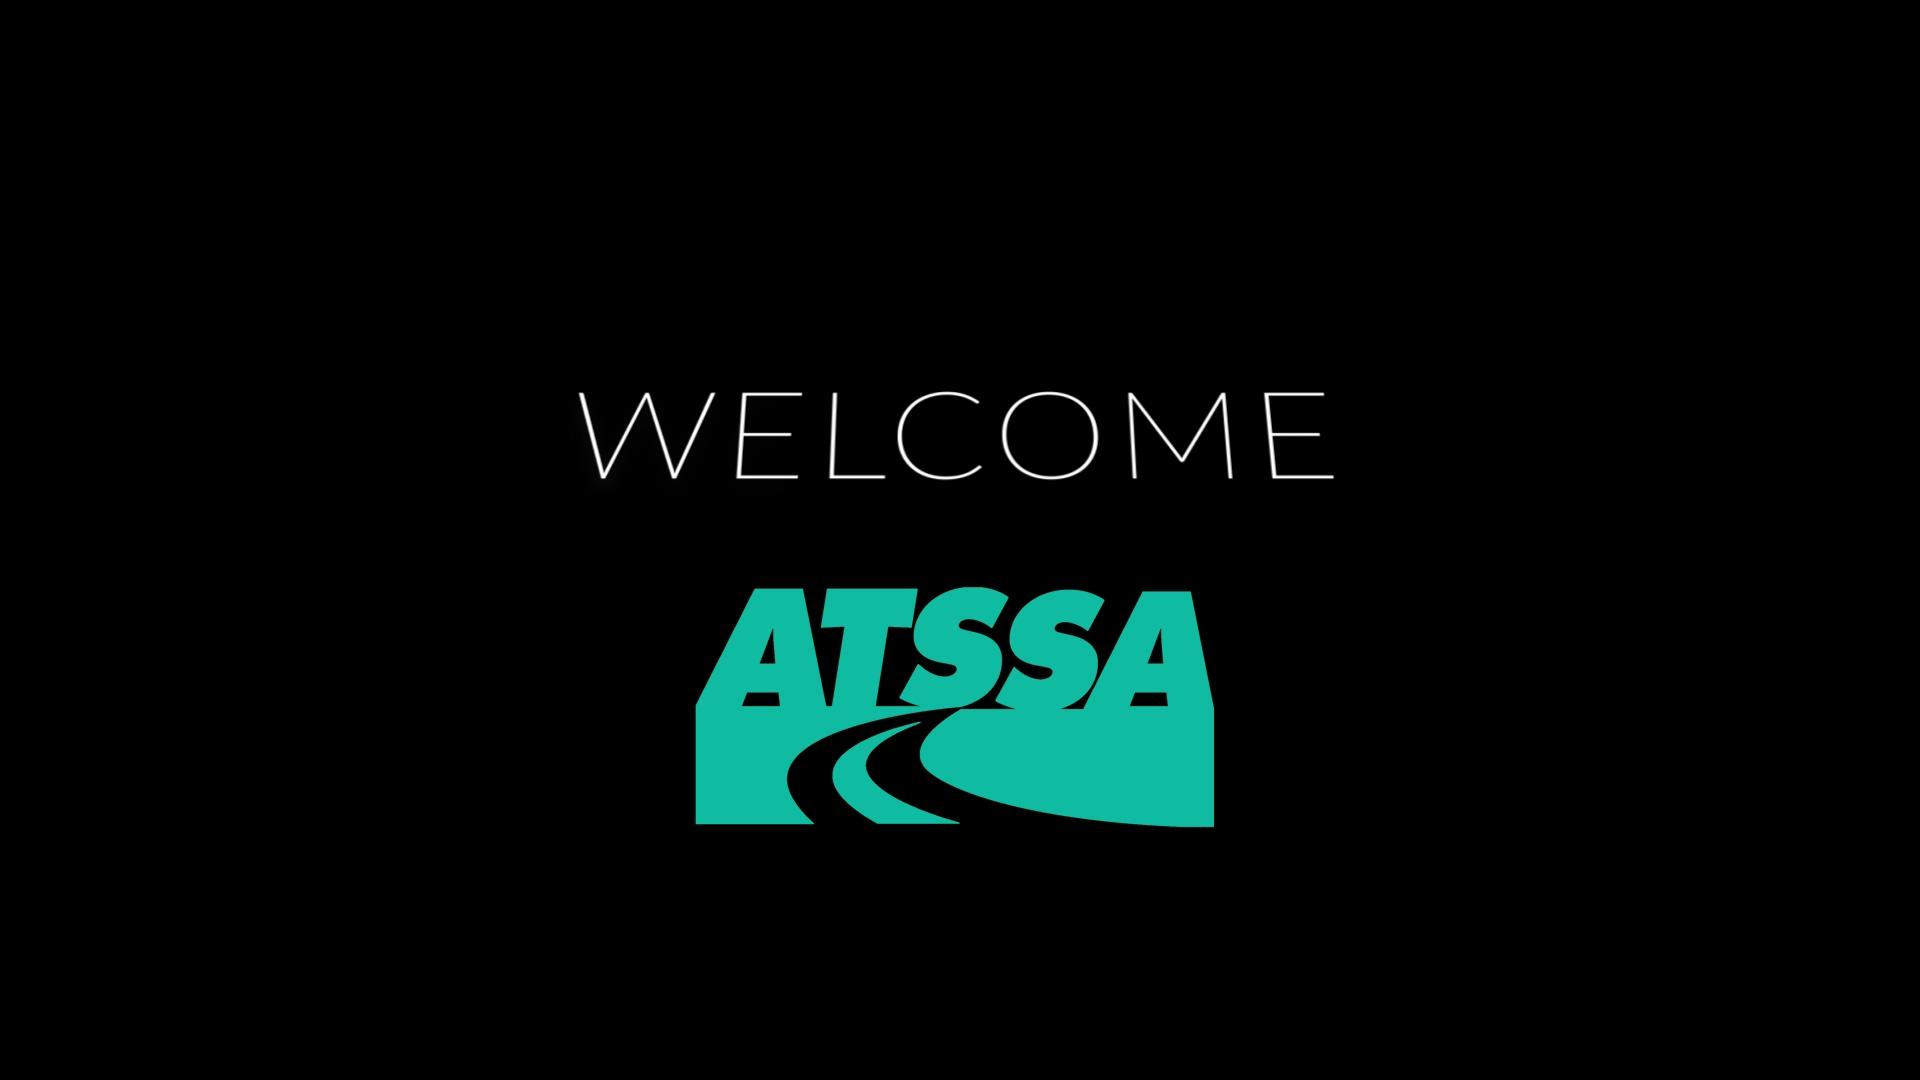 ATSSA-Meets-DelCor-1